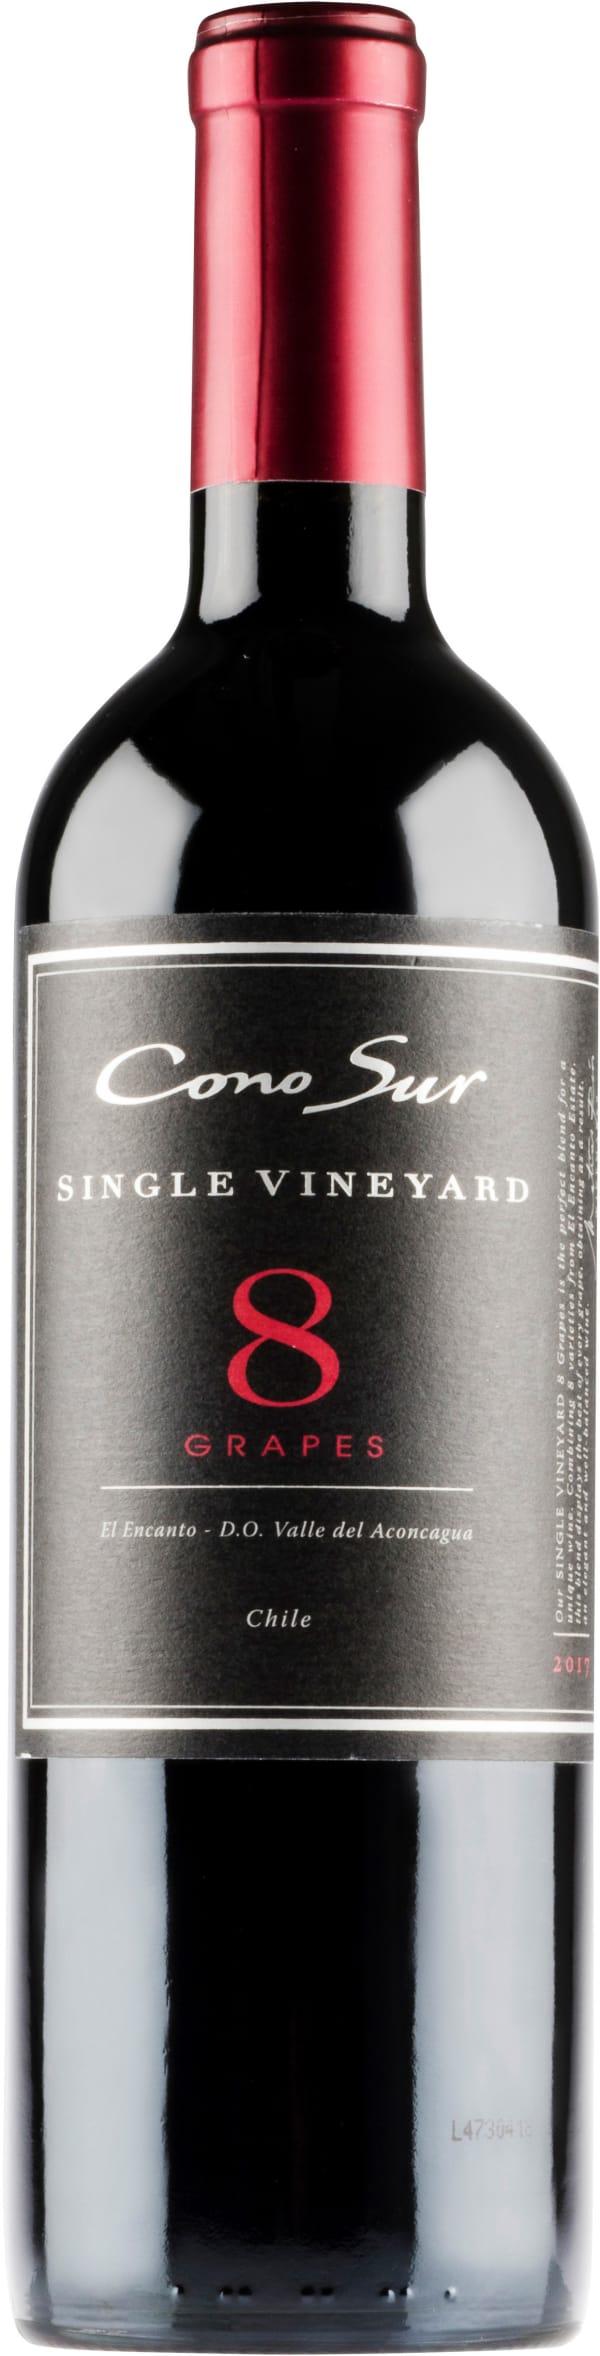 Cono Sur Single Vineyard 8 Grapes 2017